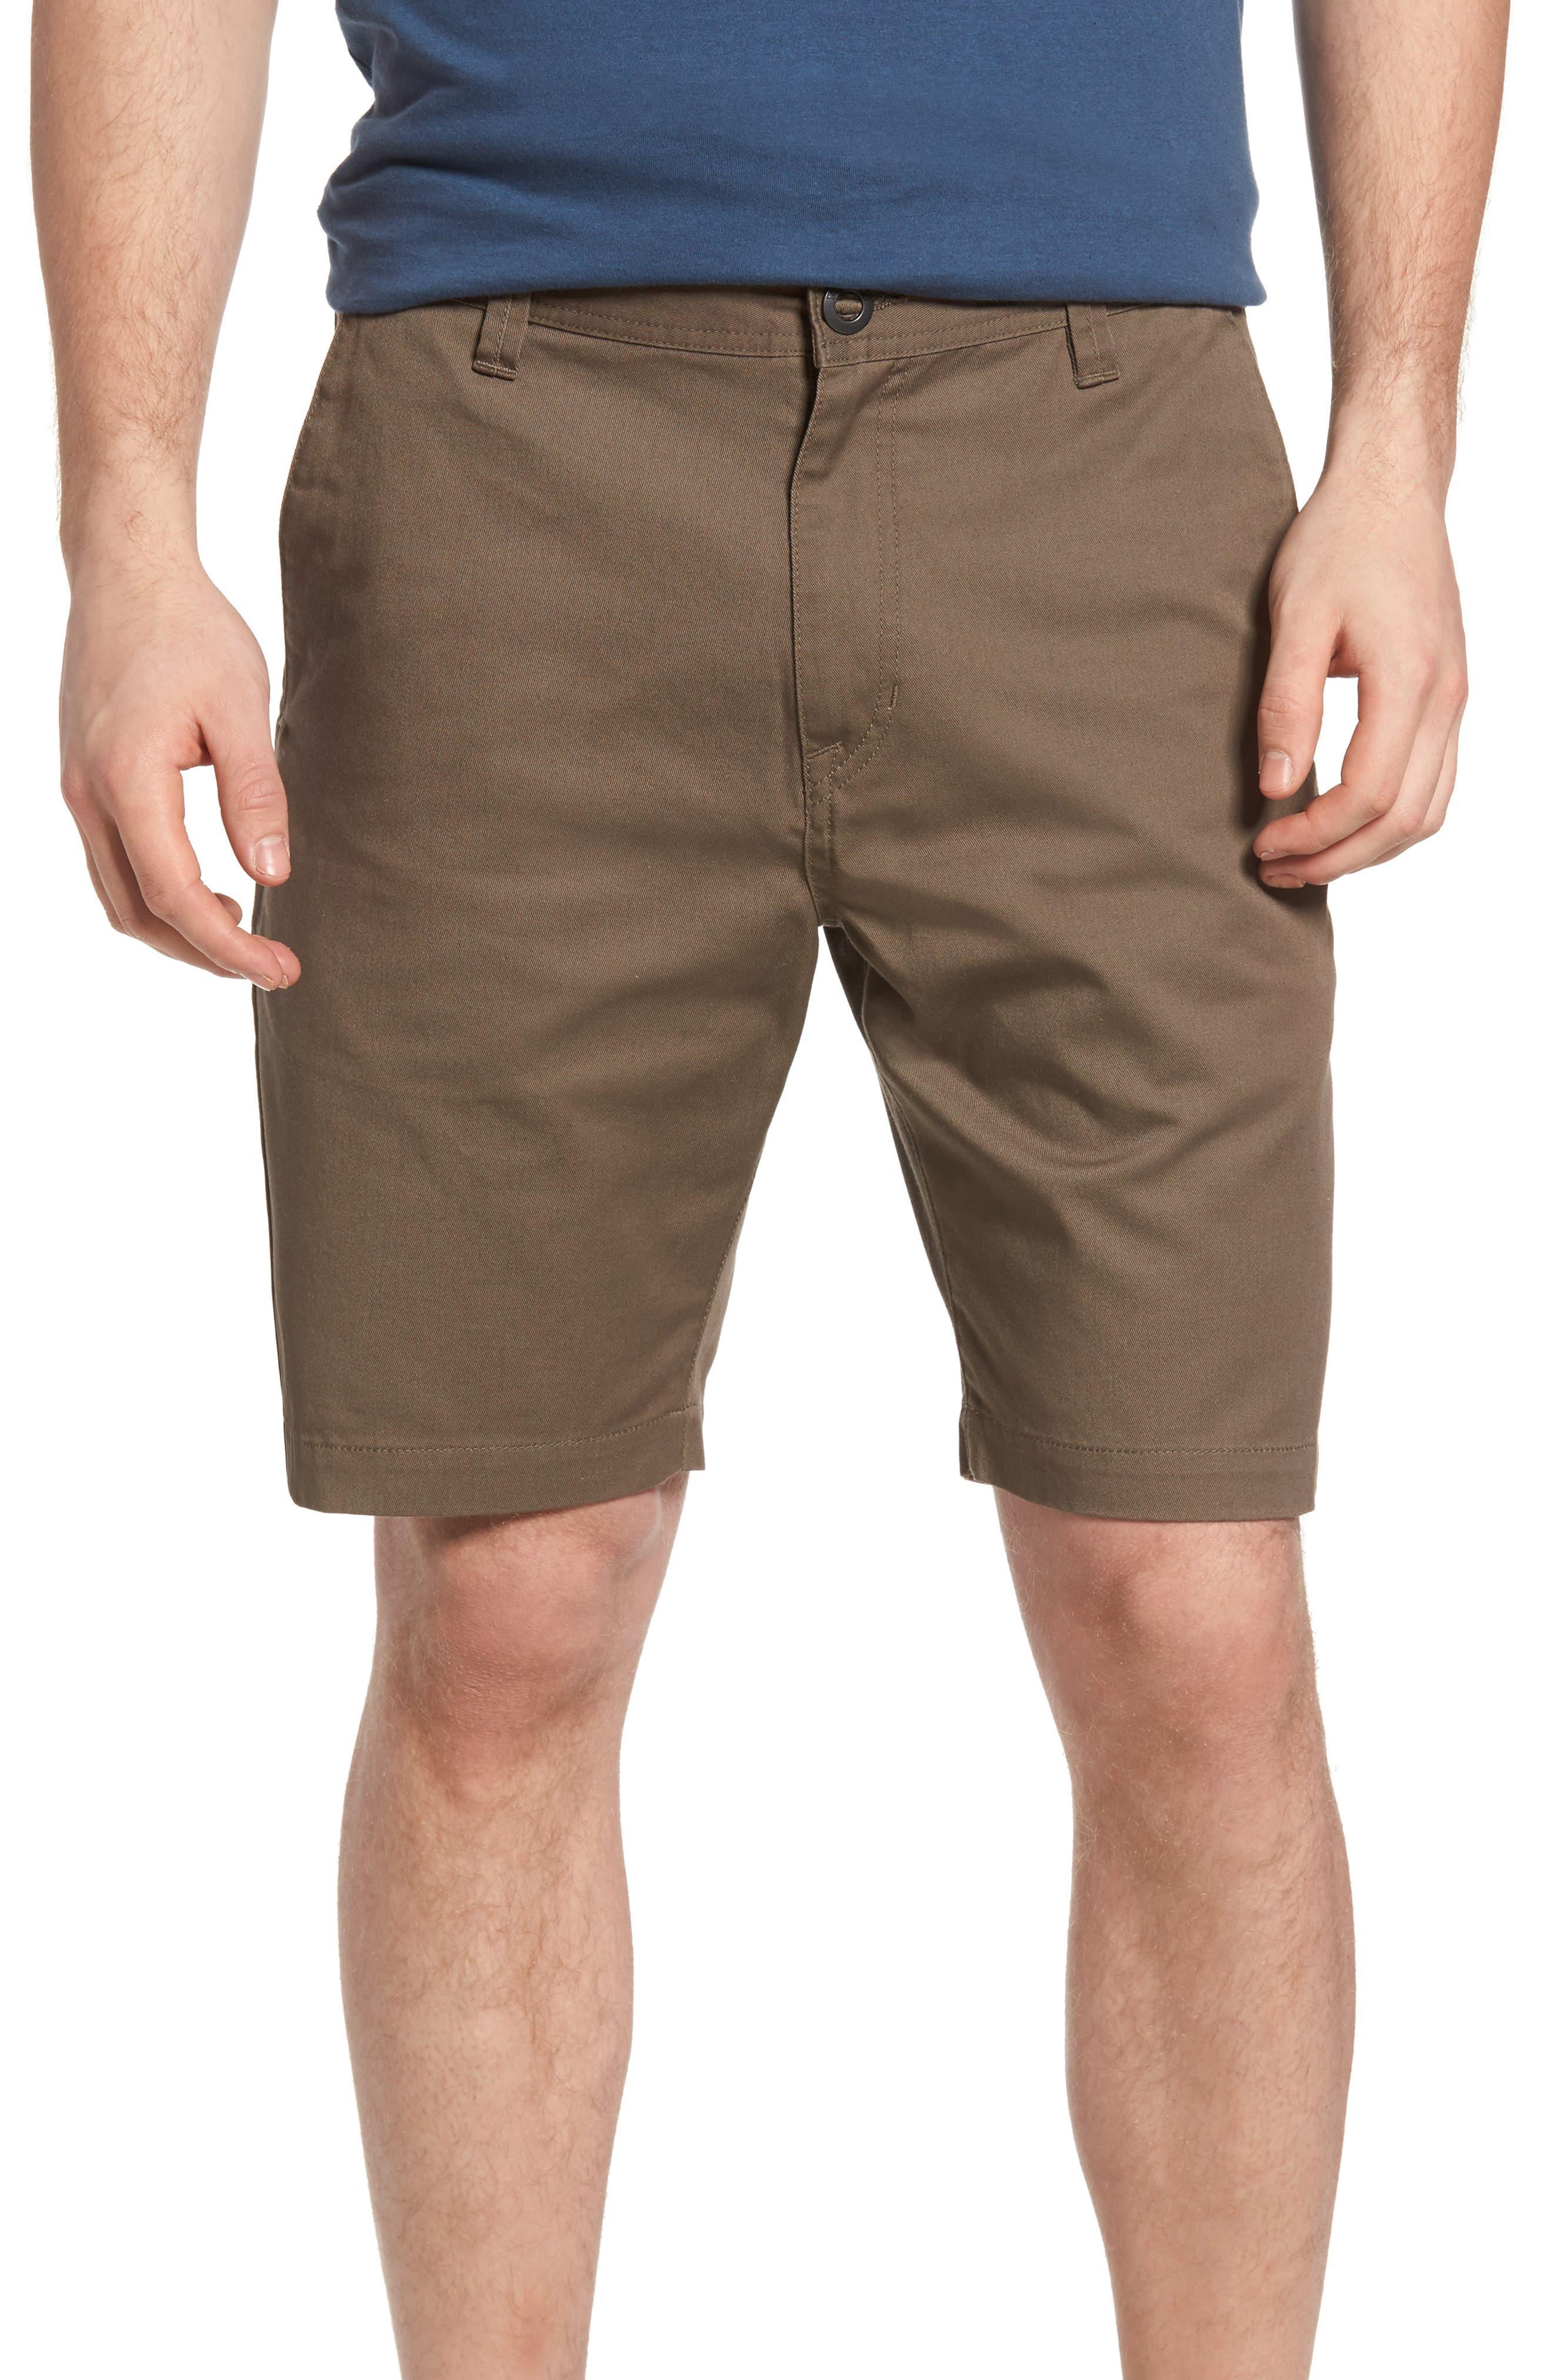 Drifter Modern Chino Shorts,                             Main thumbnail 1, color,                             Mushroom